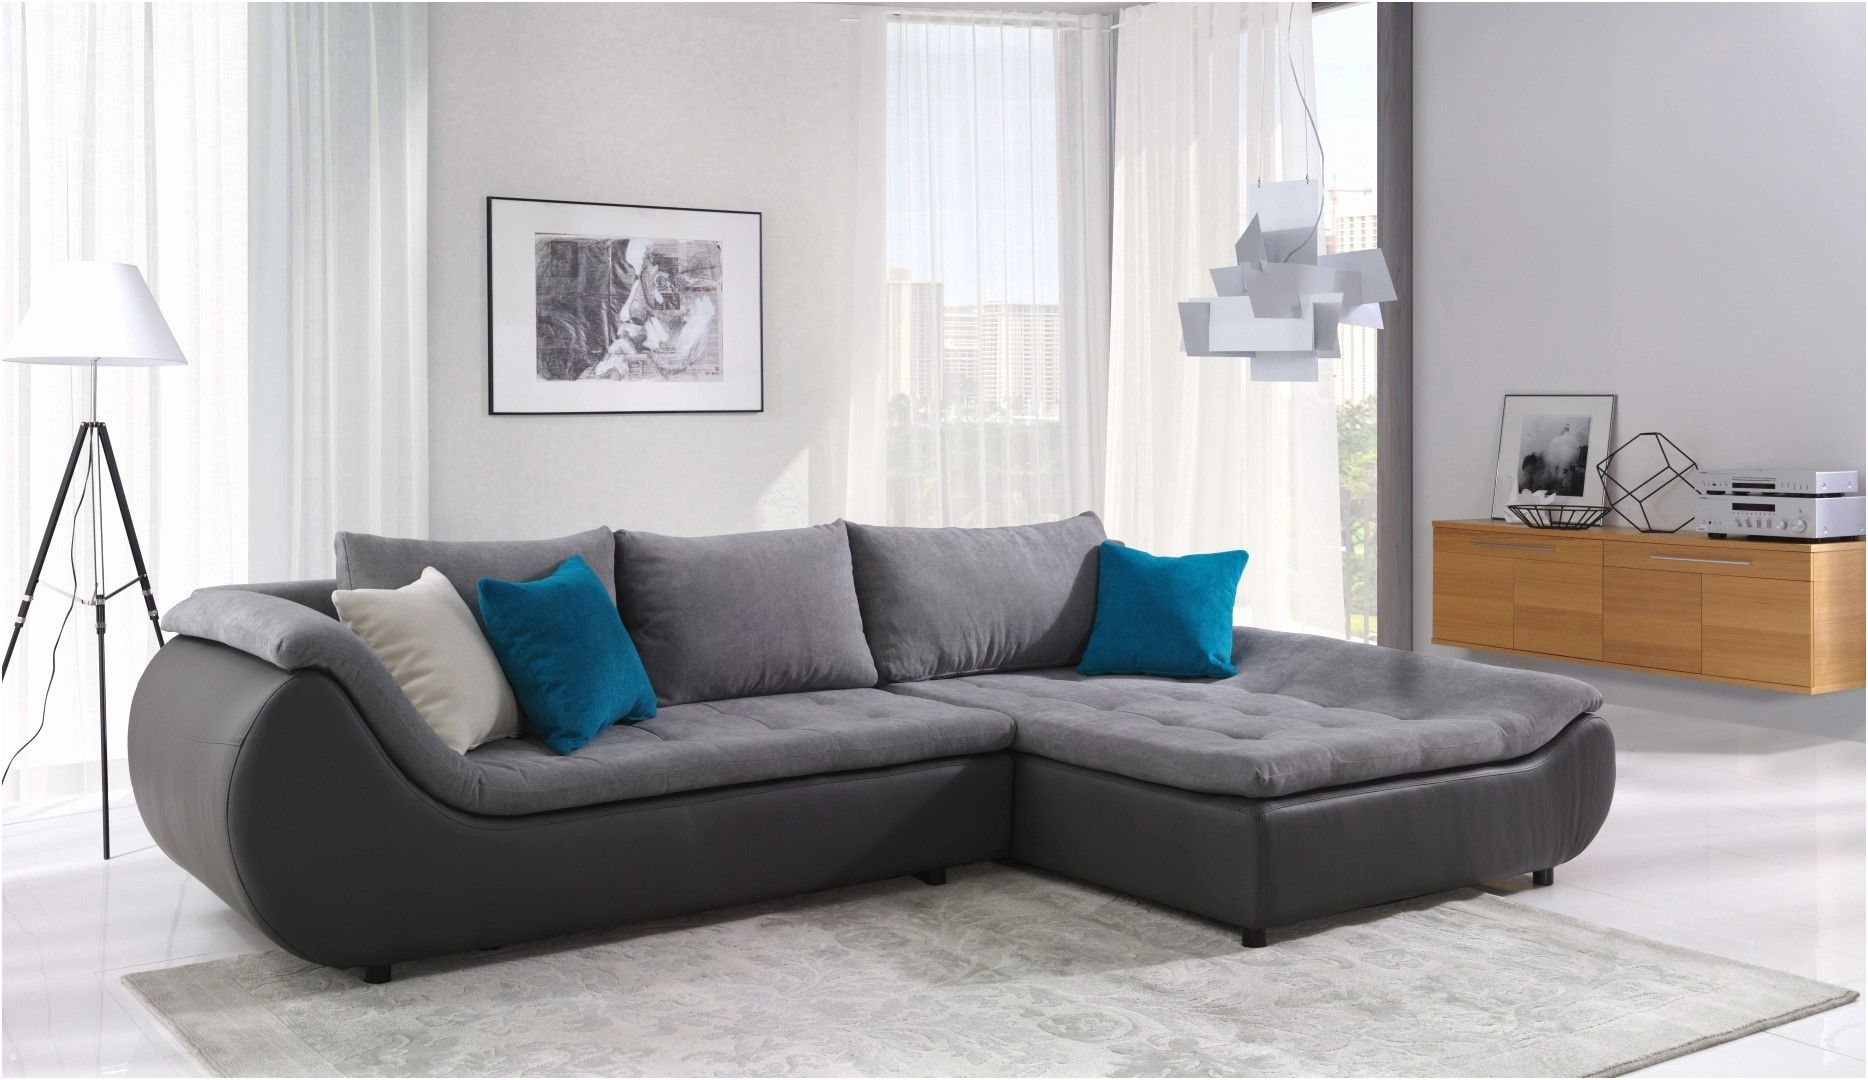 Wertvoll Sofa Mit Led Beleuchtung Und Sound